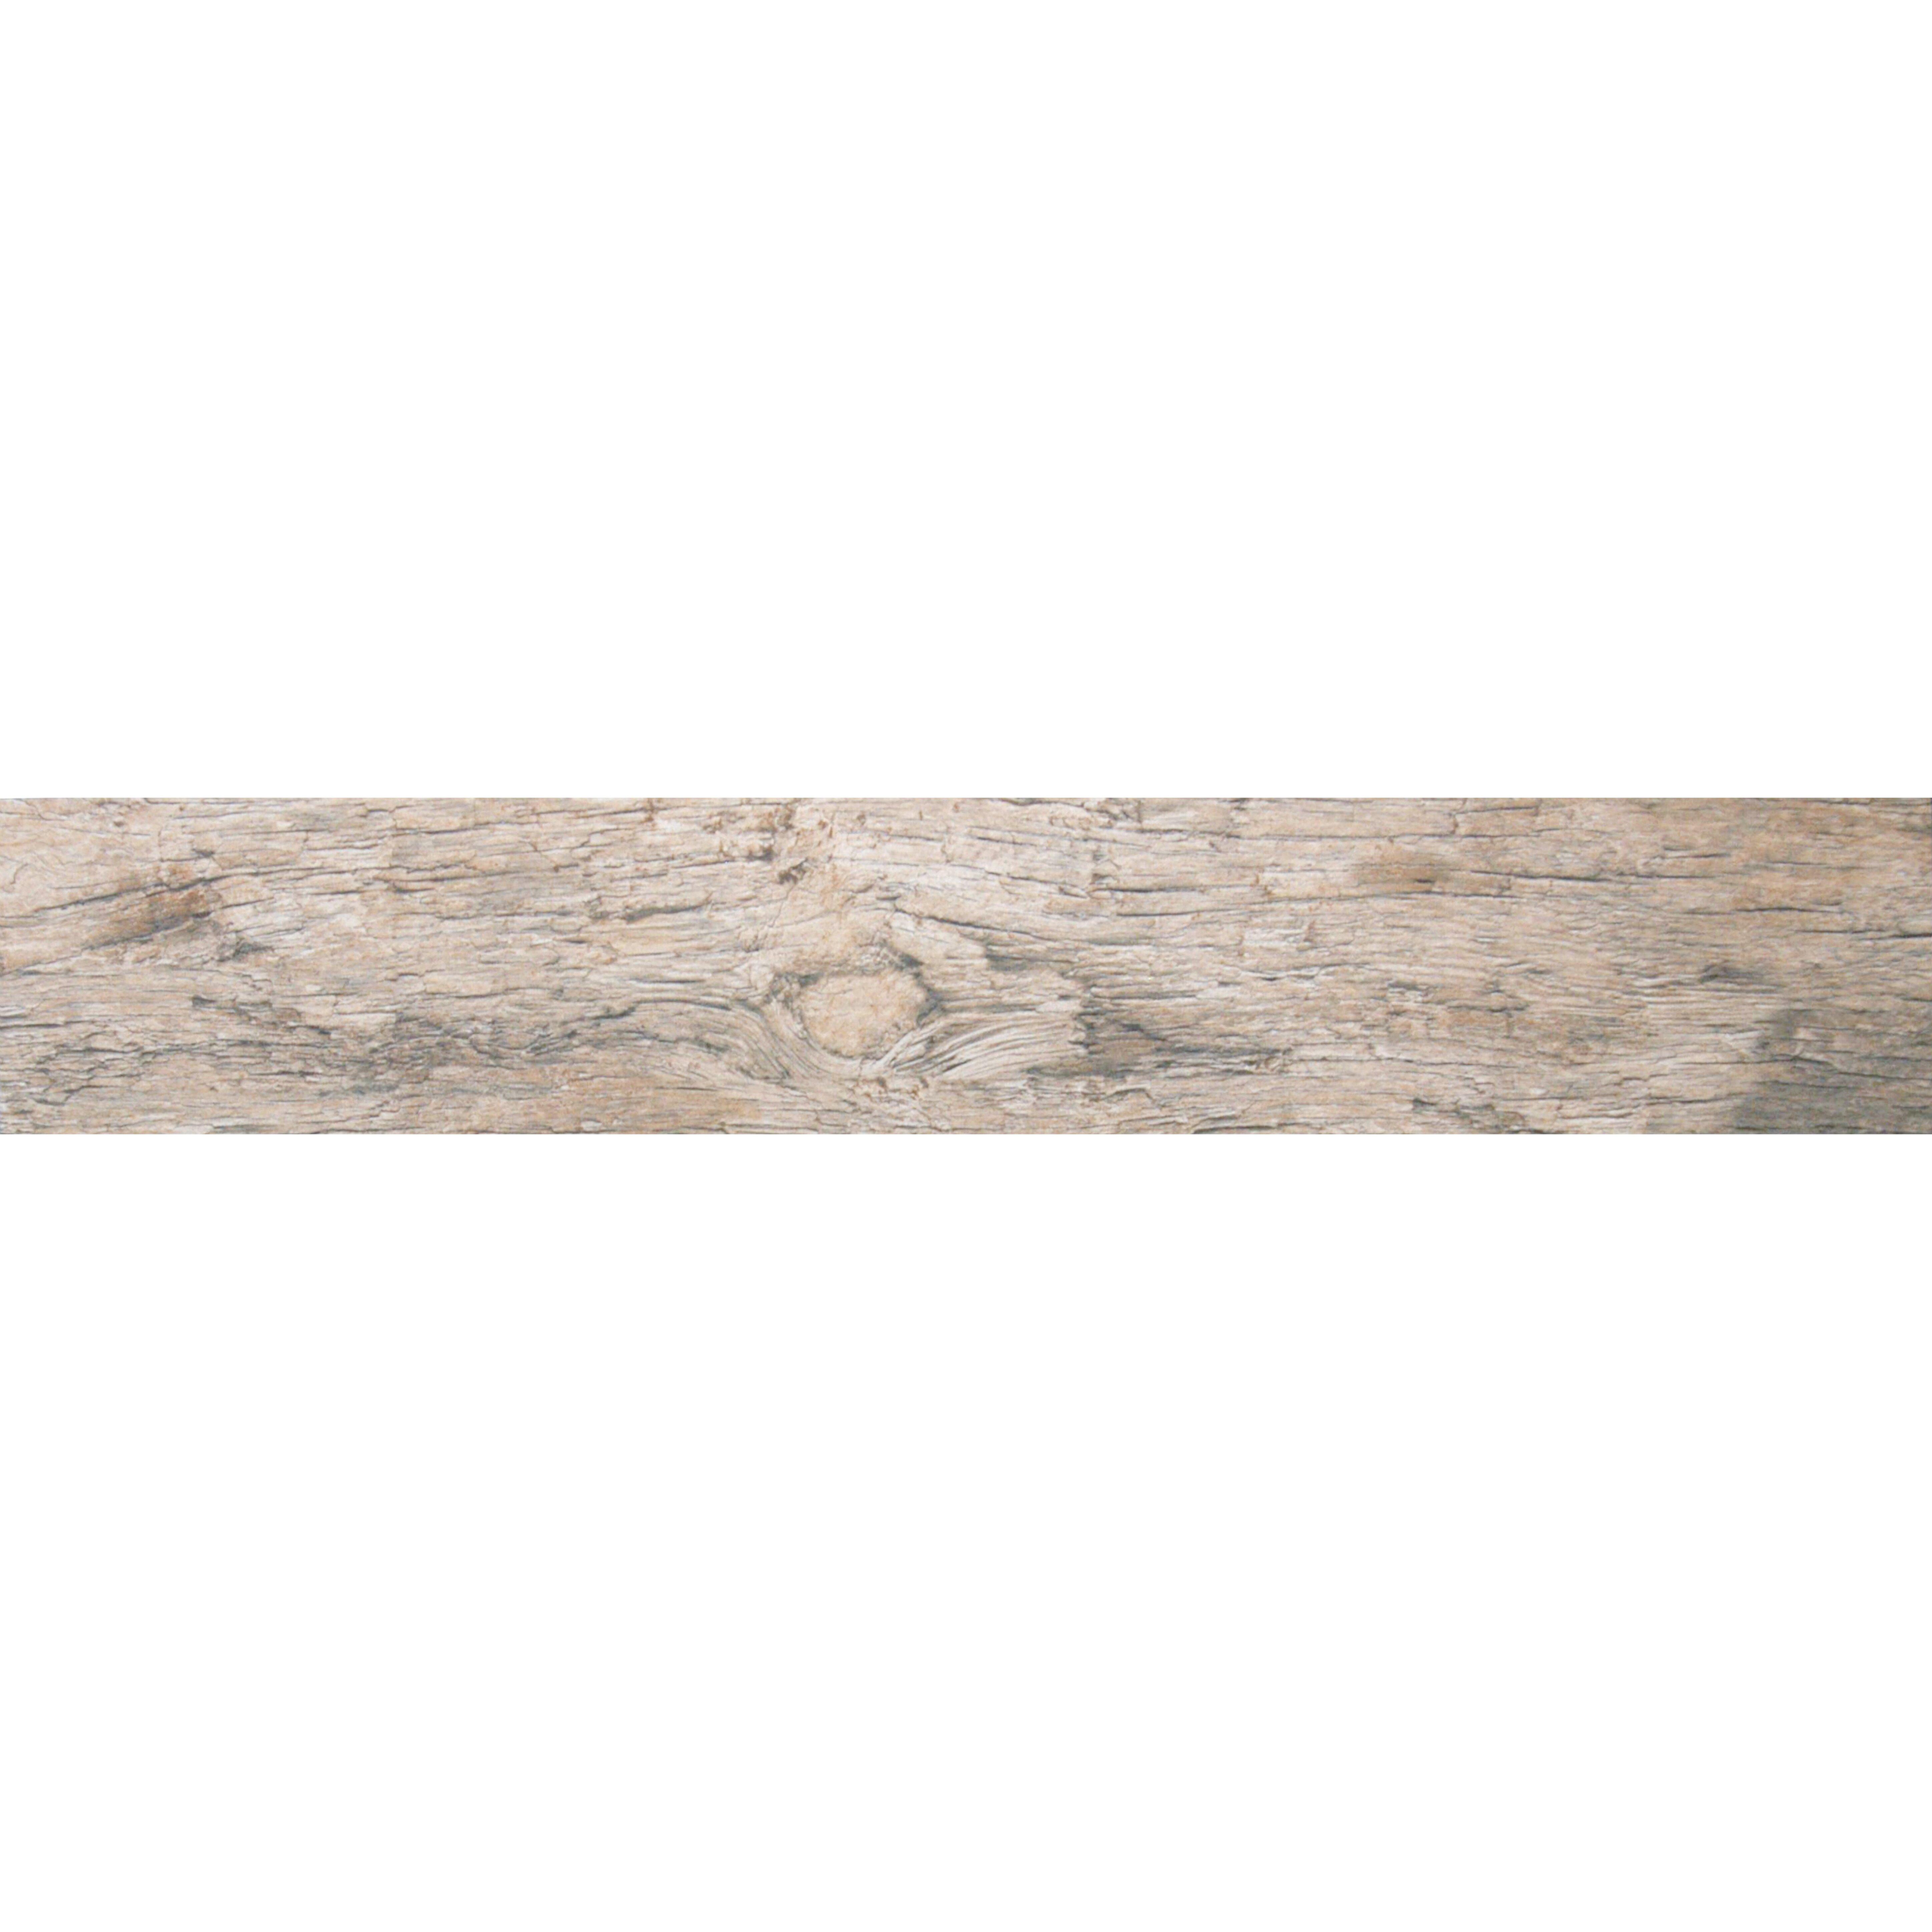 Msi Redwood Natural 6 X 24 Porcelain Wood Tile In Glazed